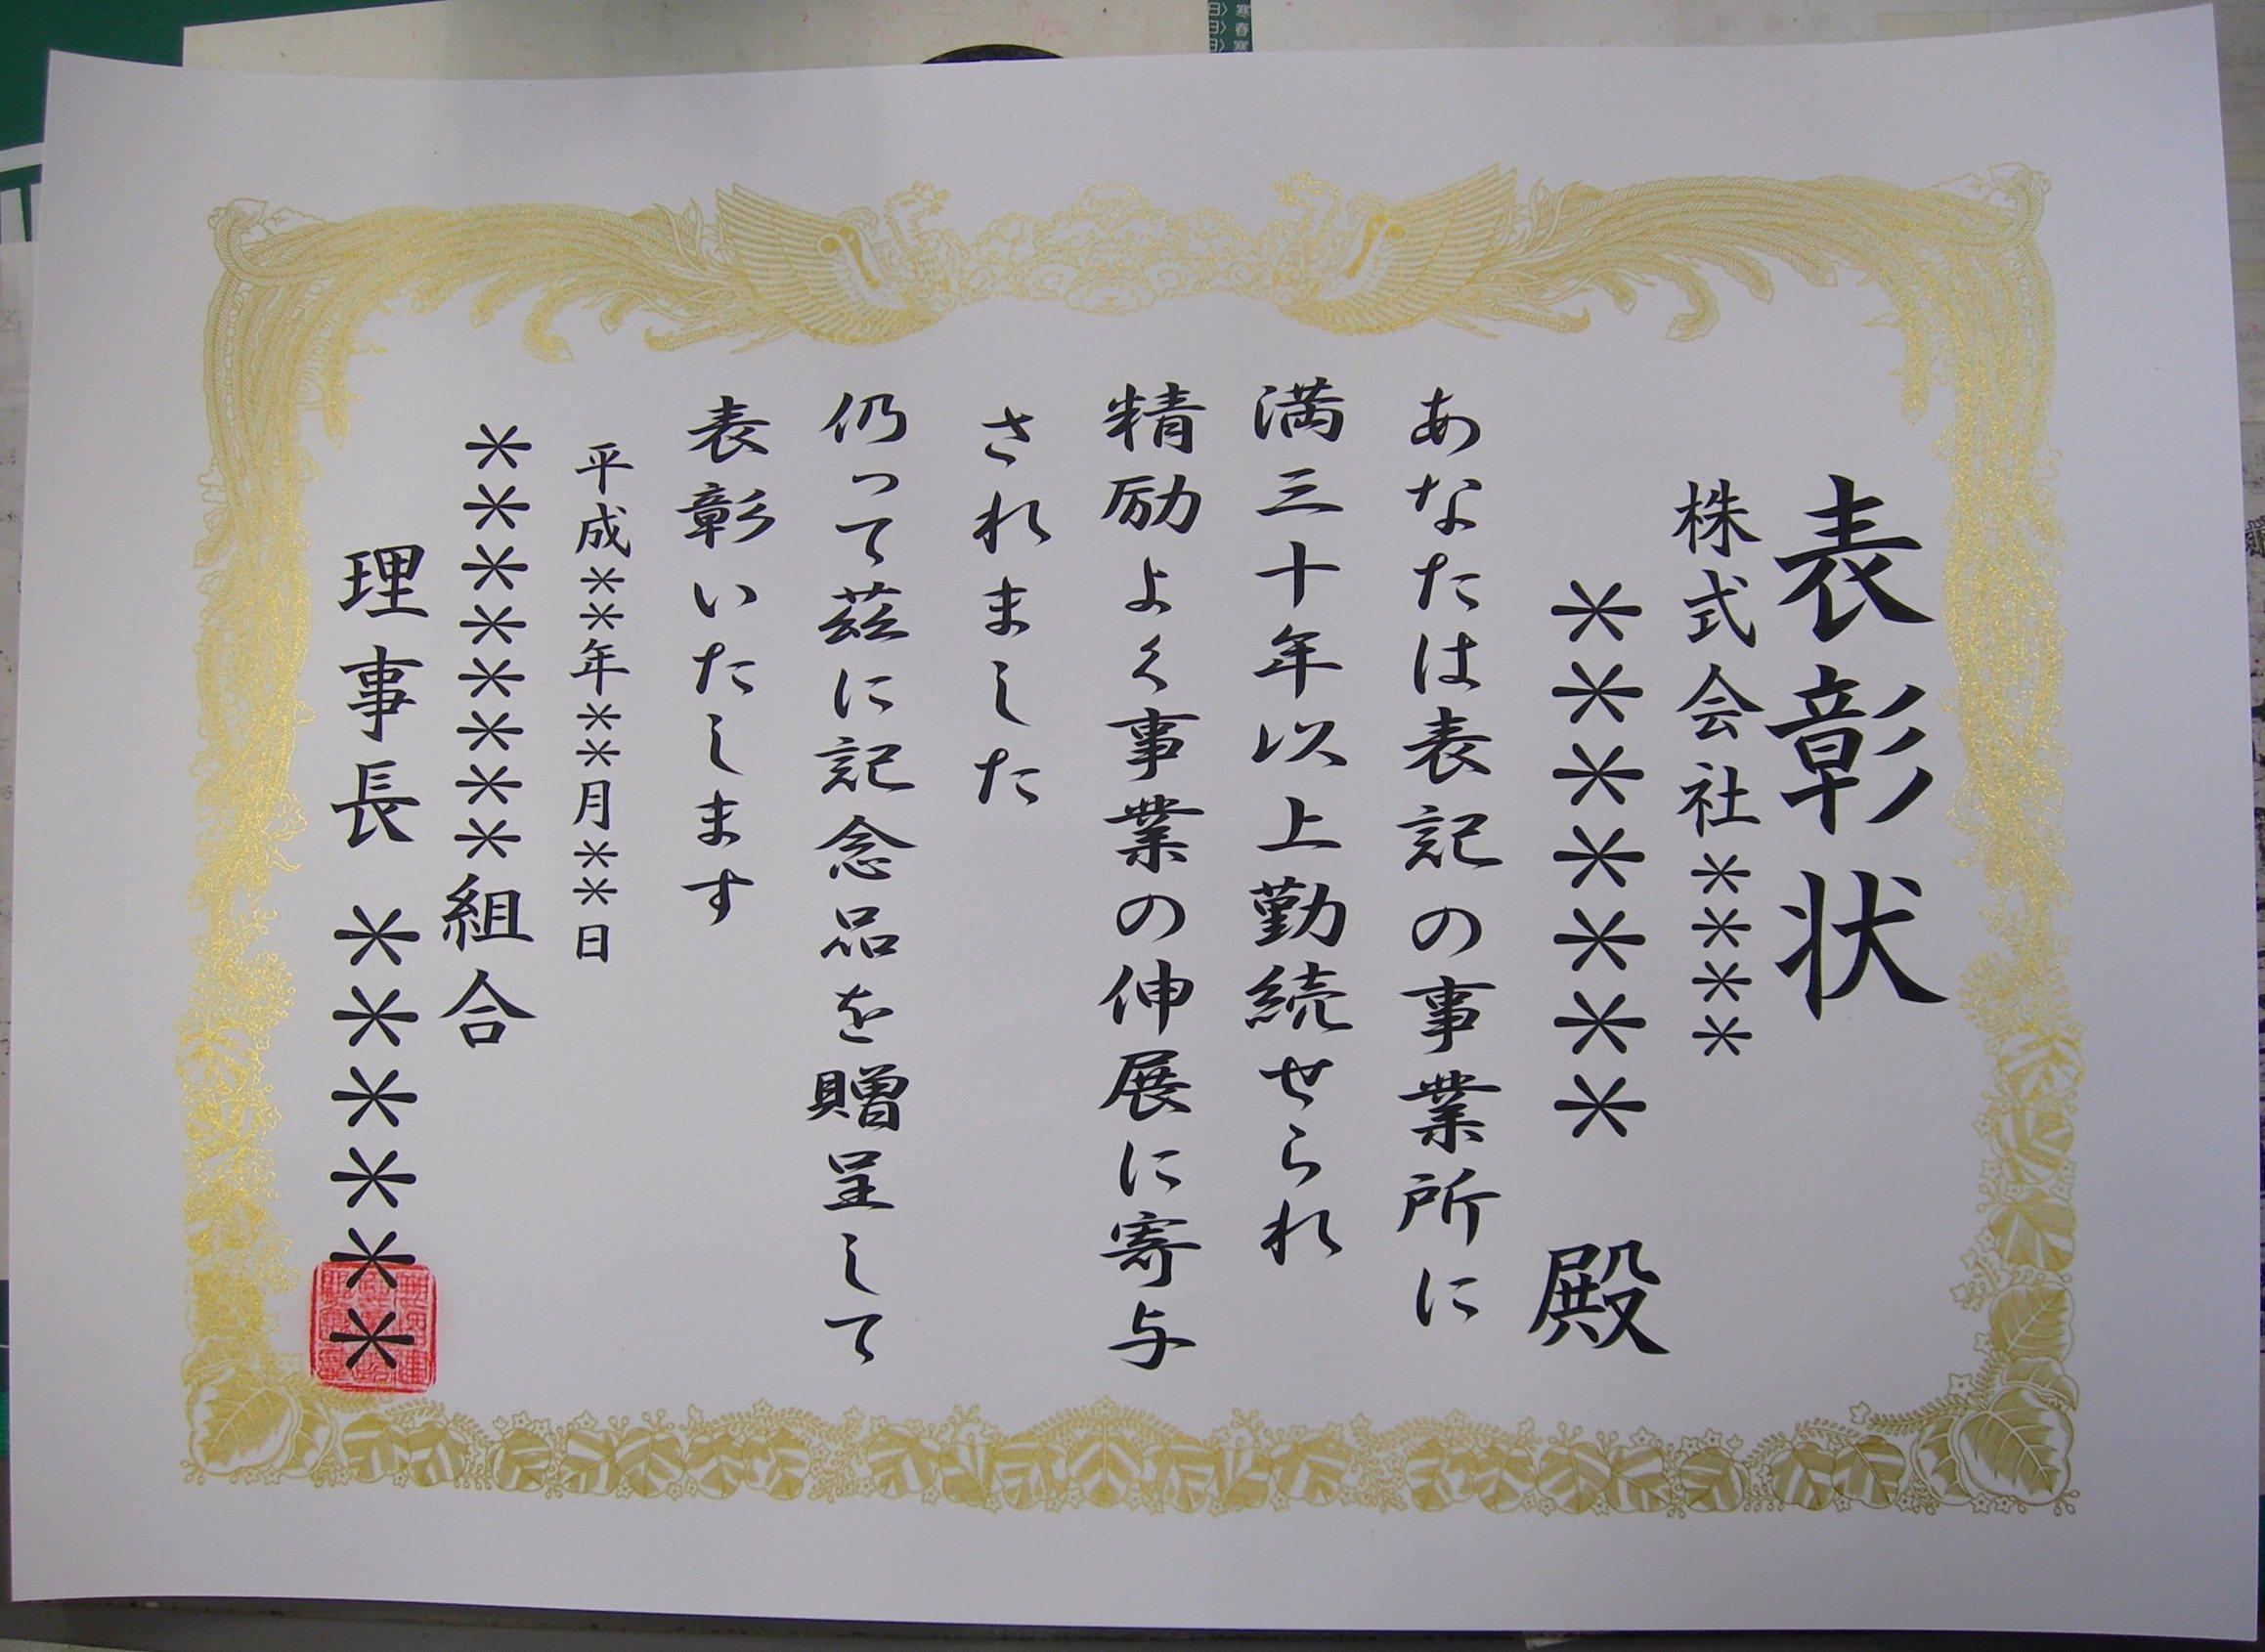 酔想 『歴史・雑学・お酒・本 ... : ワード 枠 テンプレート : すべての講義